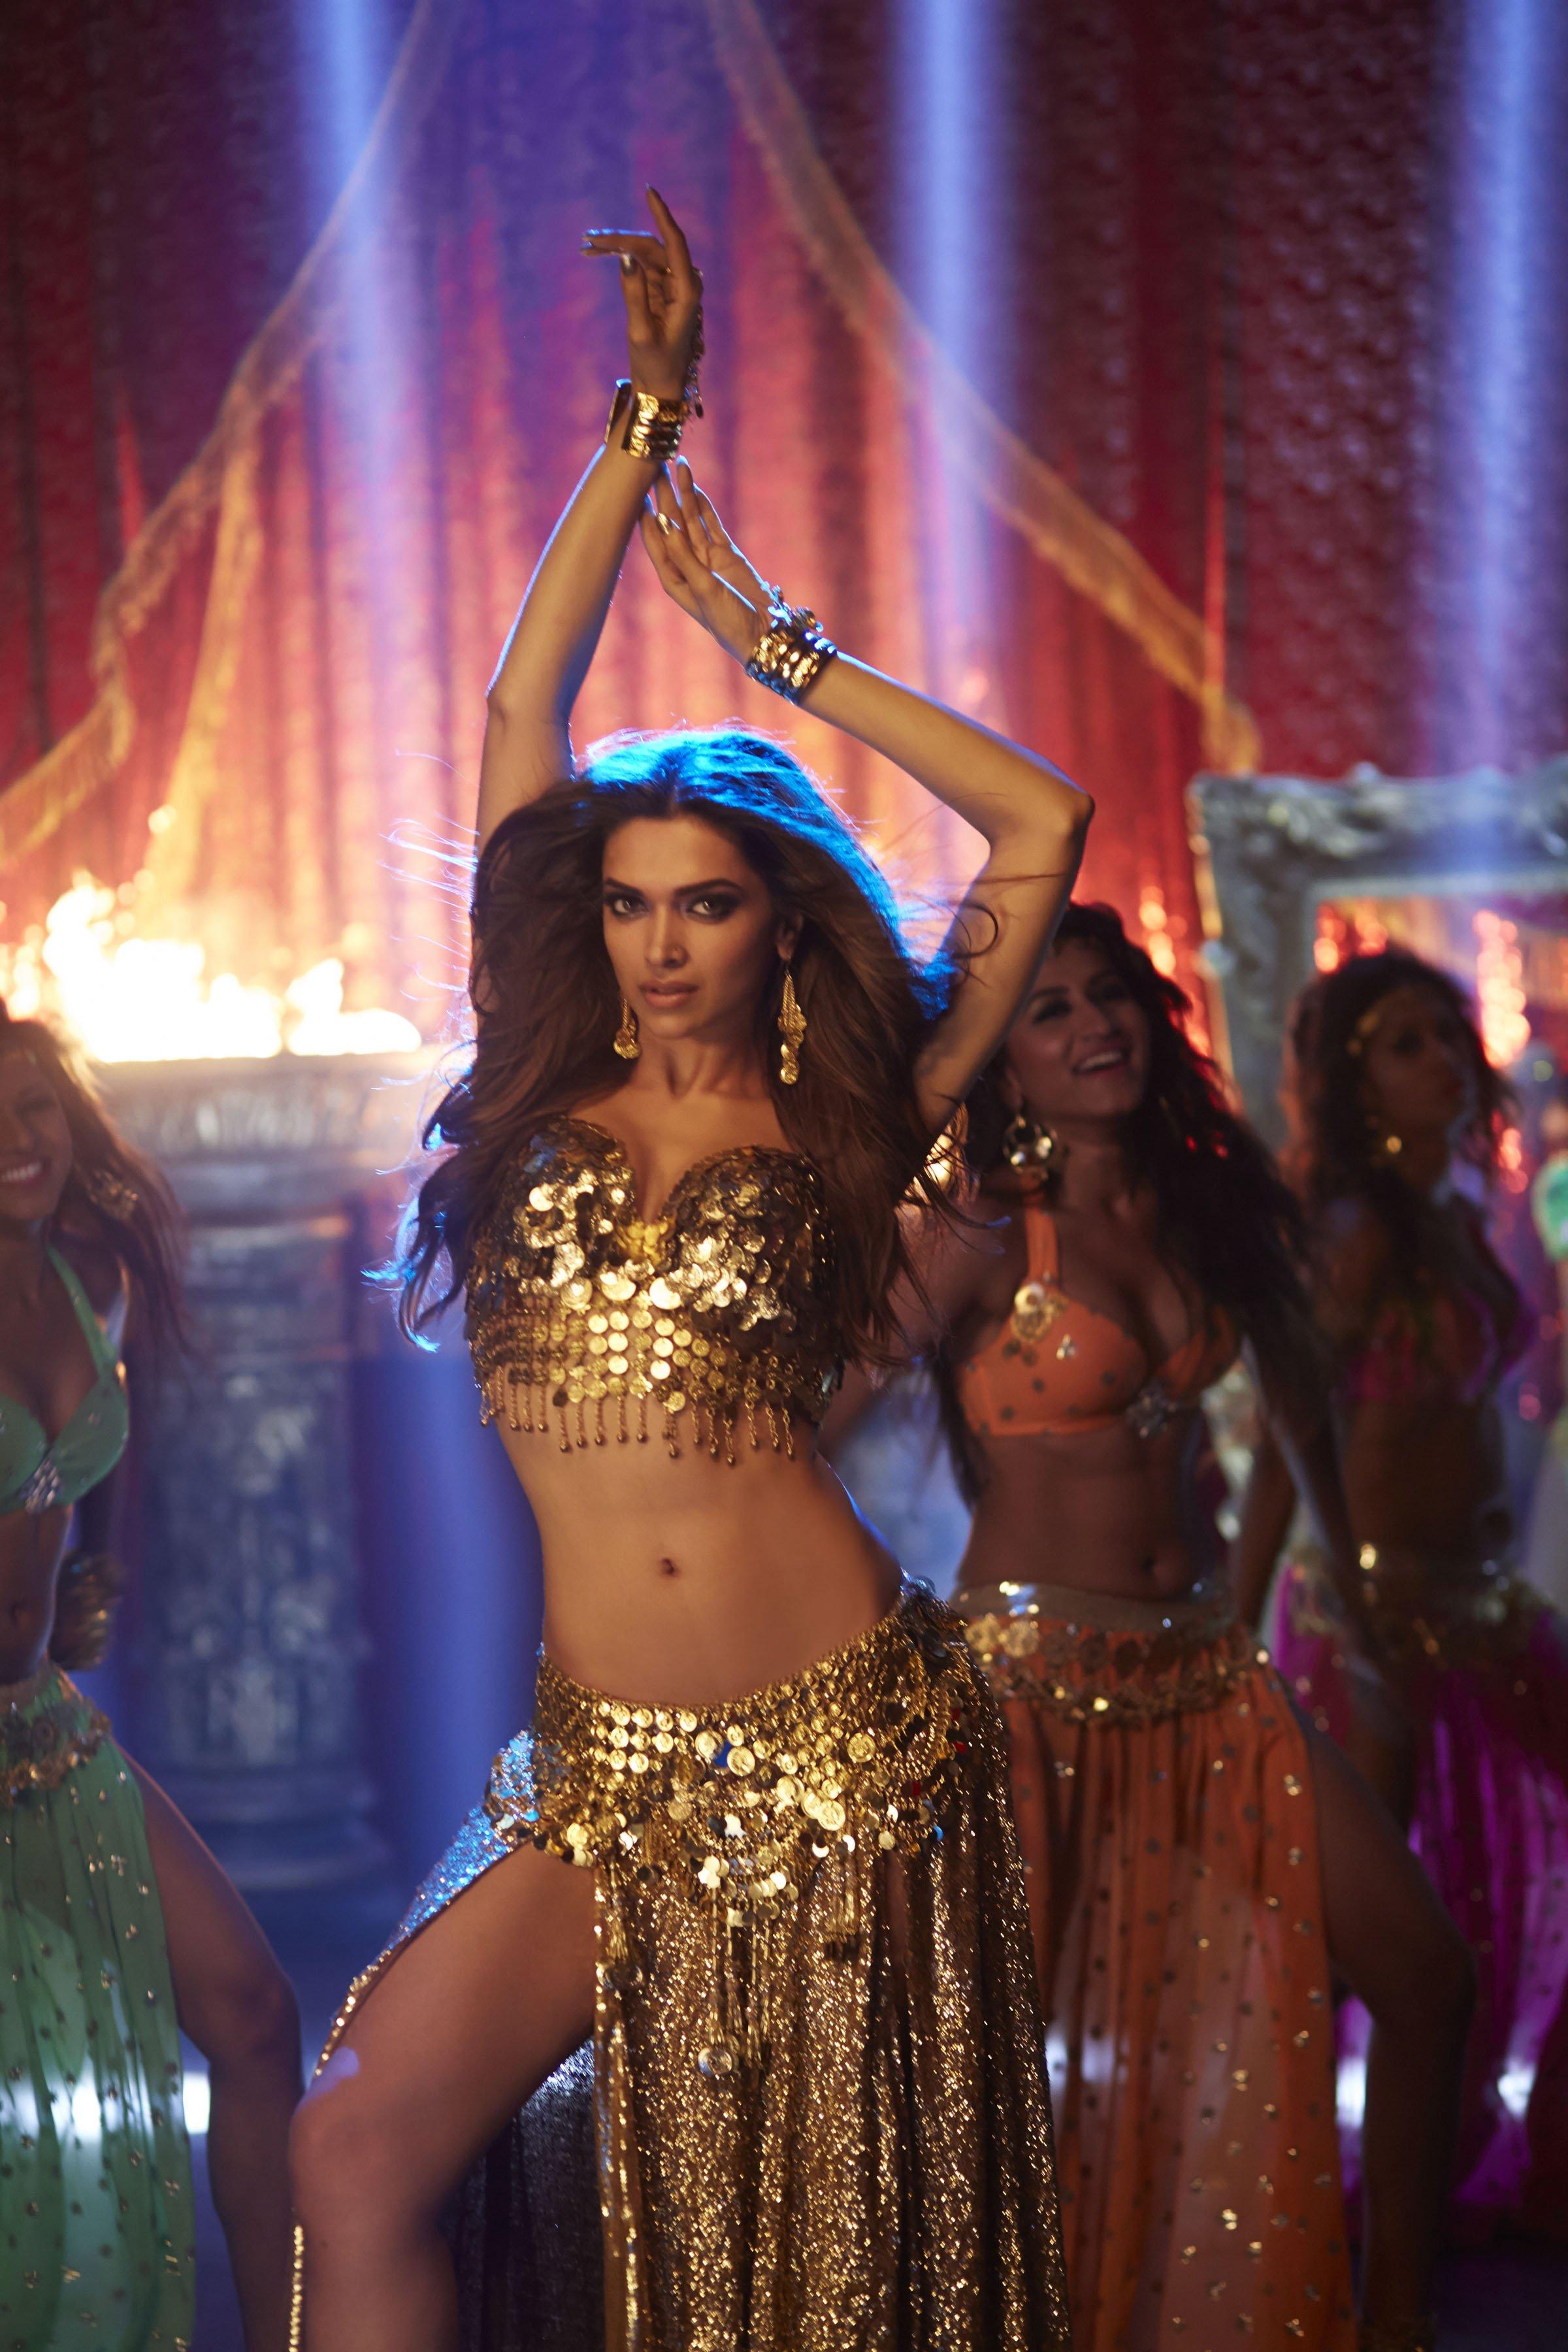 смотреть индийские новые фильмы